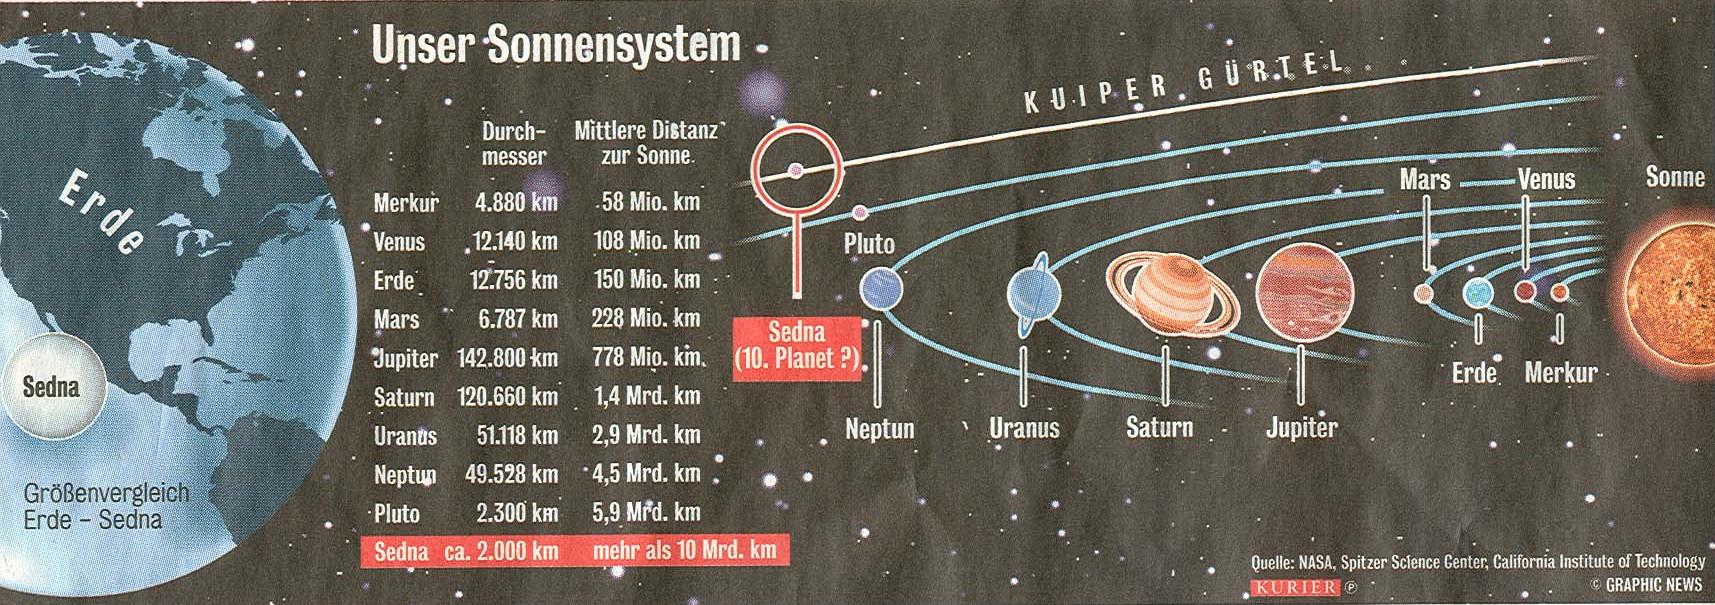 umlaufbahn eines satelliten 5 buchstaben